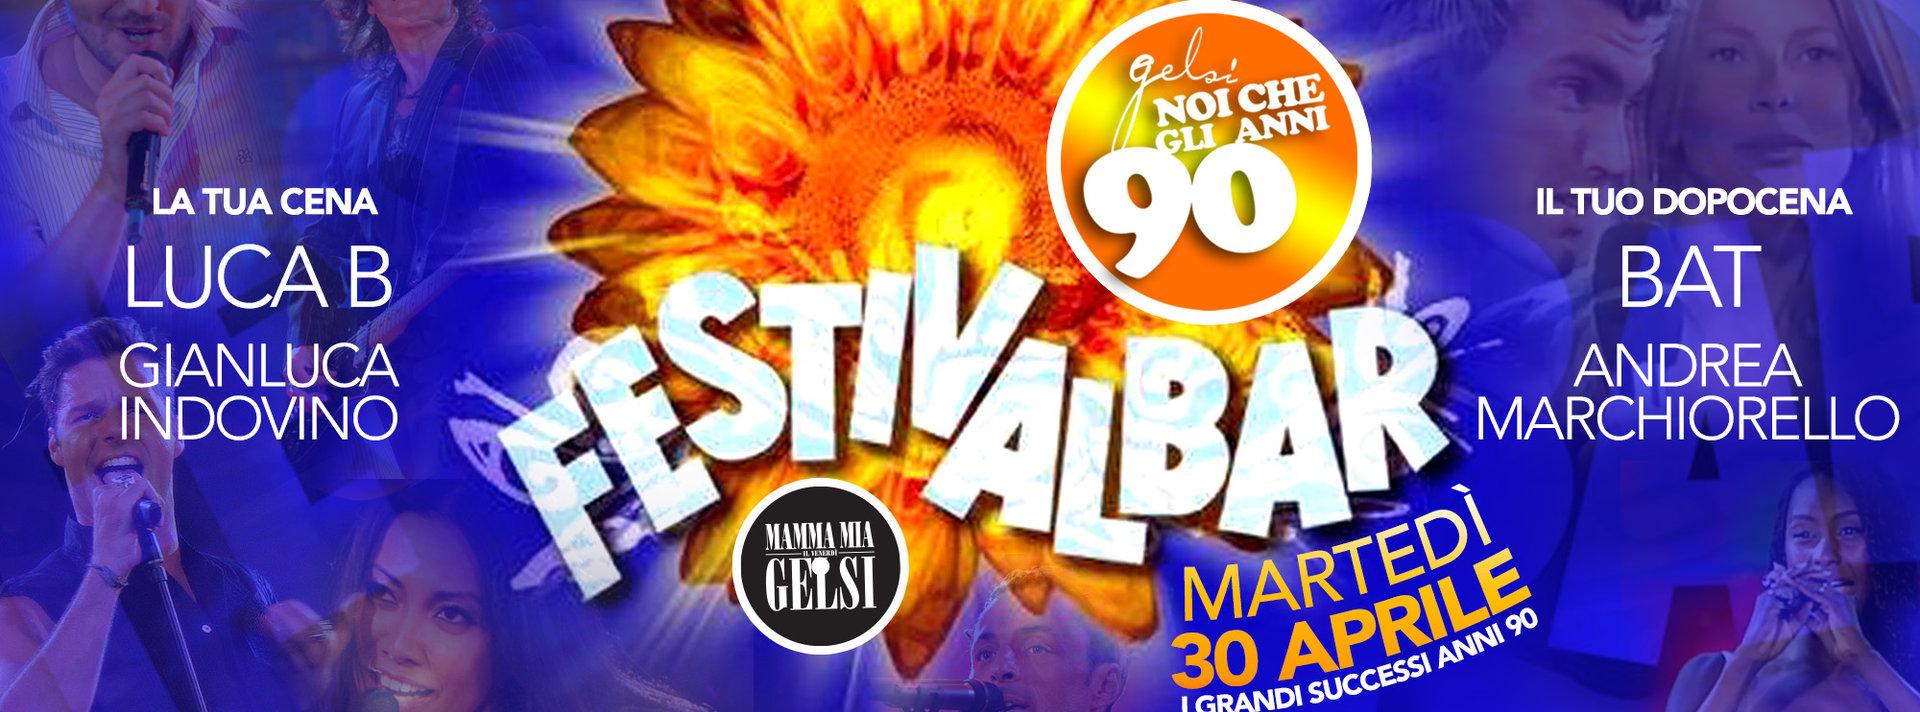 Festivalbar - Serata anni 90 - 30 aprile 2019